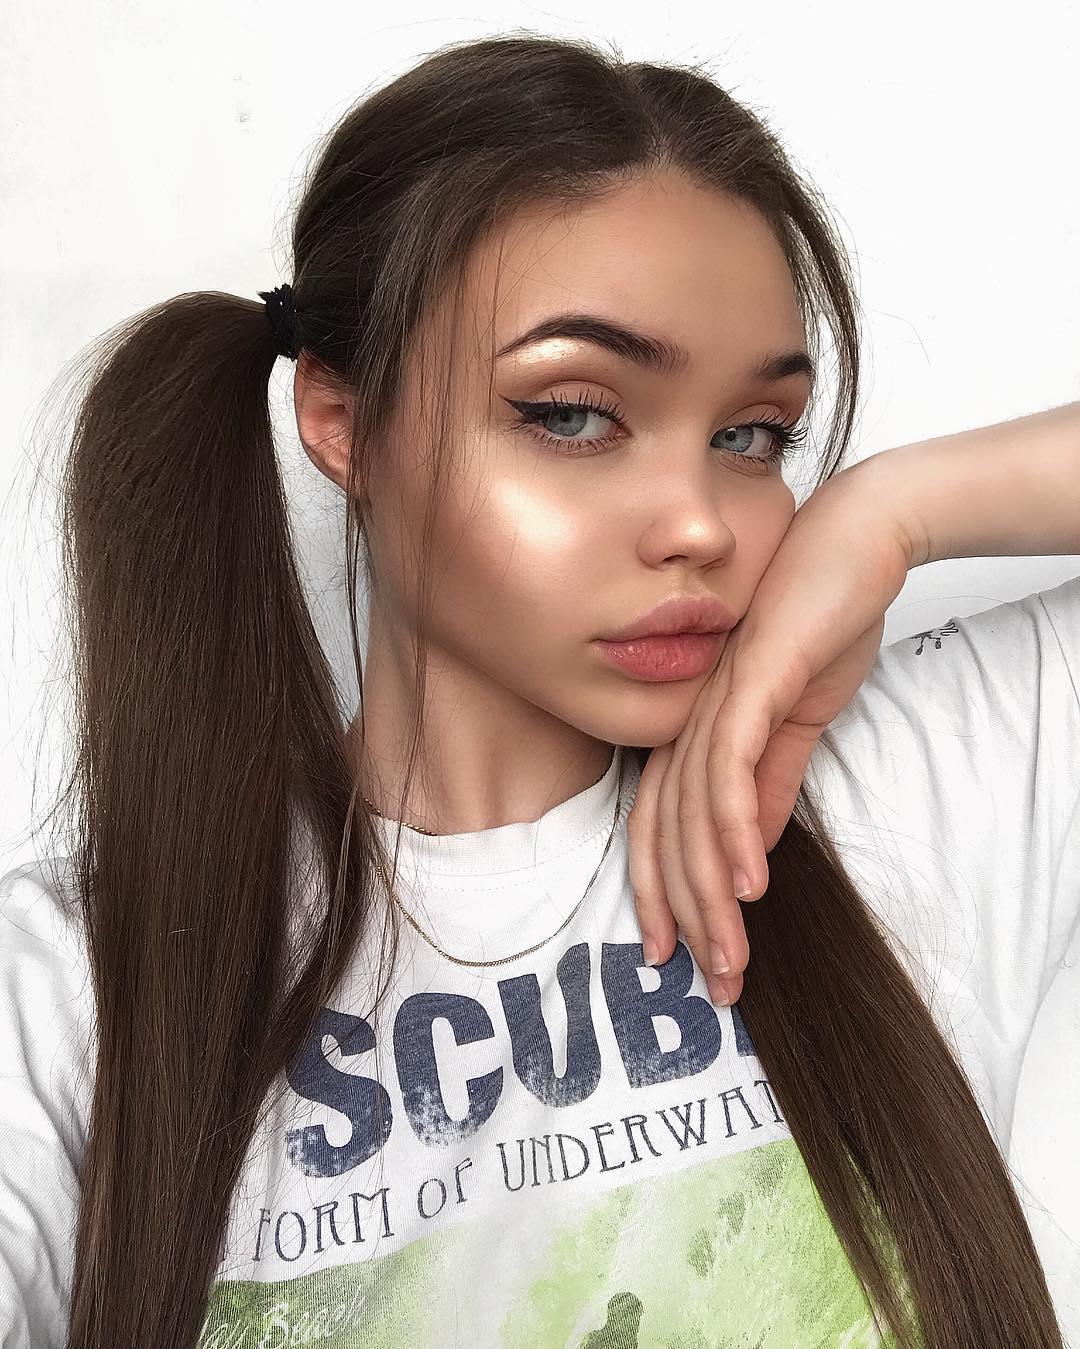 Eliza-Kayudina-Wallpapers-Insta-Fit-Bio-15